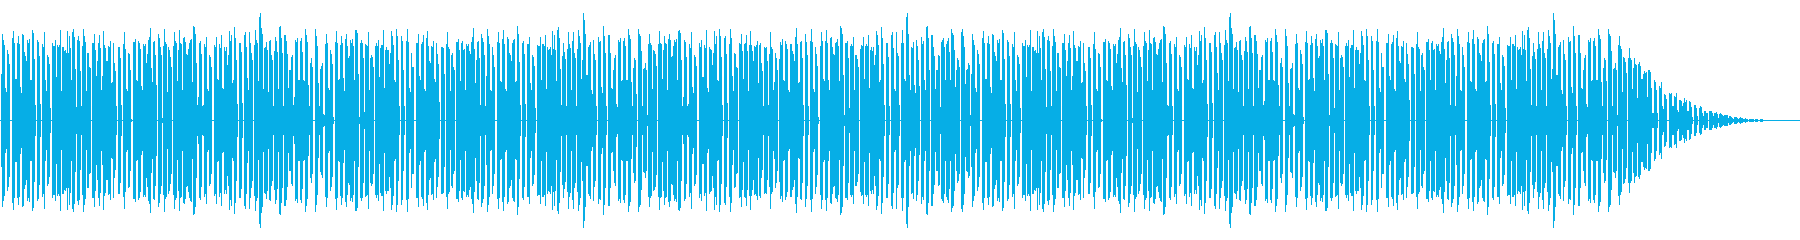 GB系風和風ゲームのメニュー画面曲の再生済みの波形